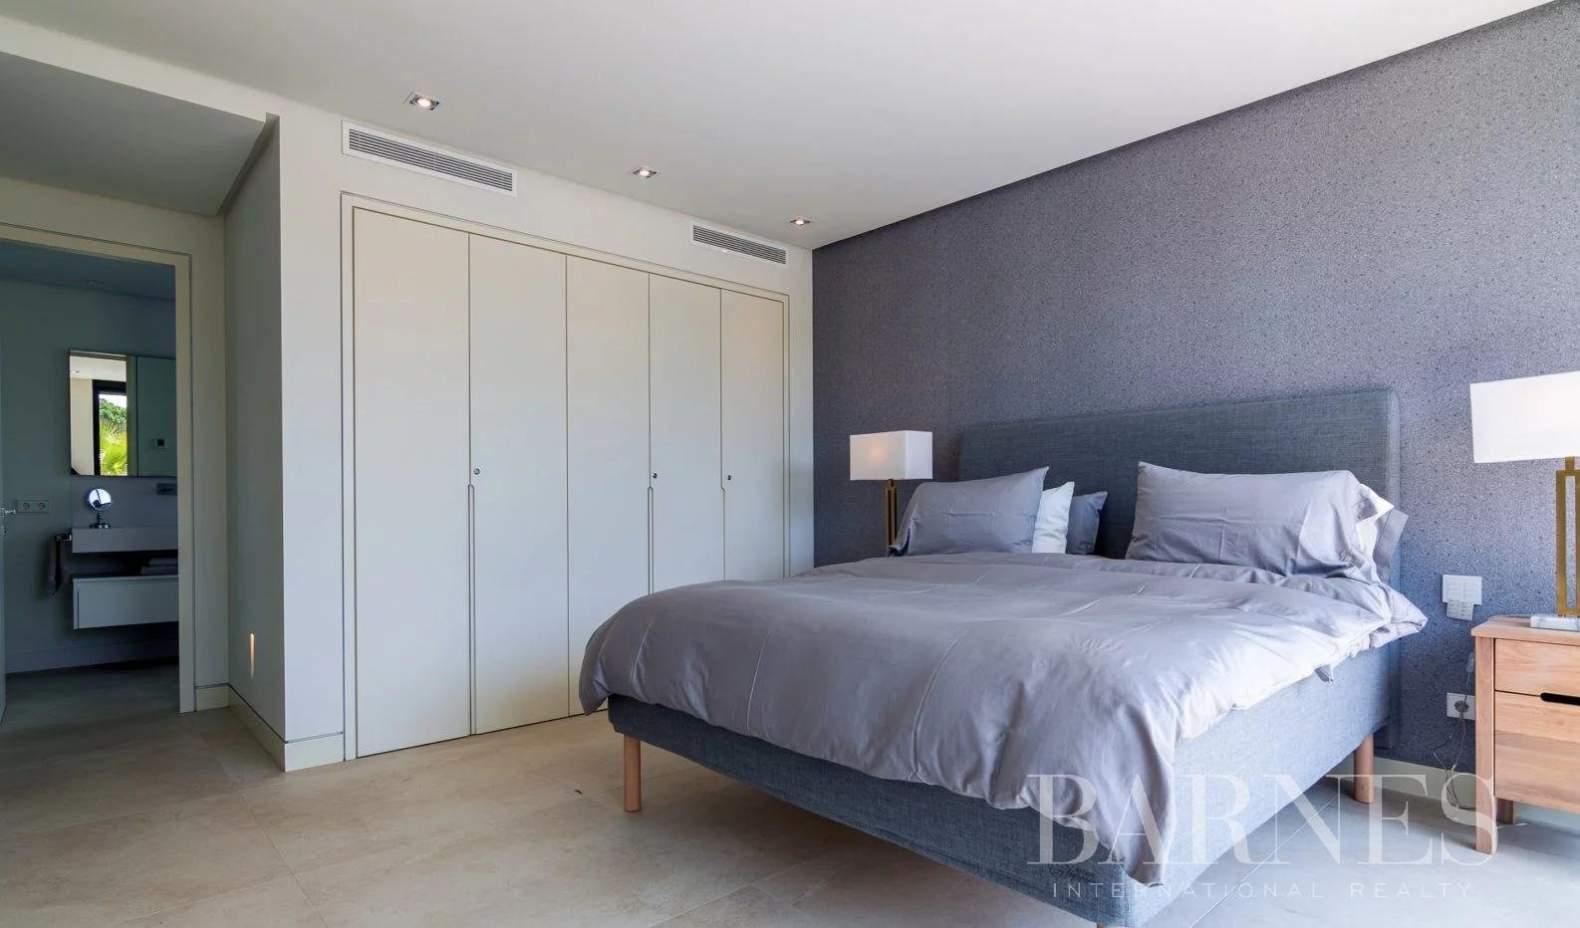 Marbella  - Villa  5 Chambres - picture 10